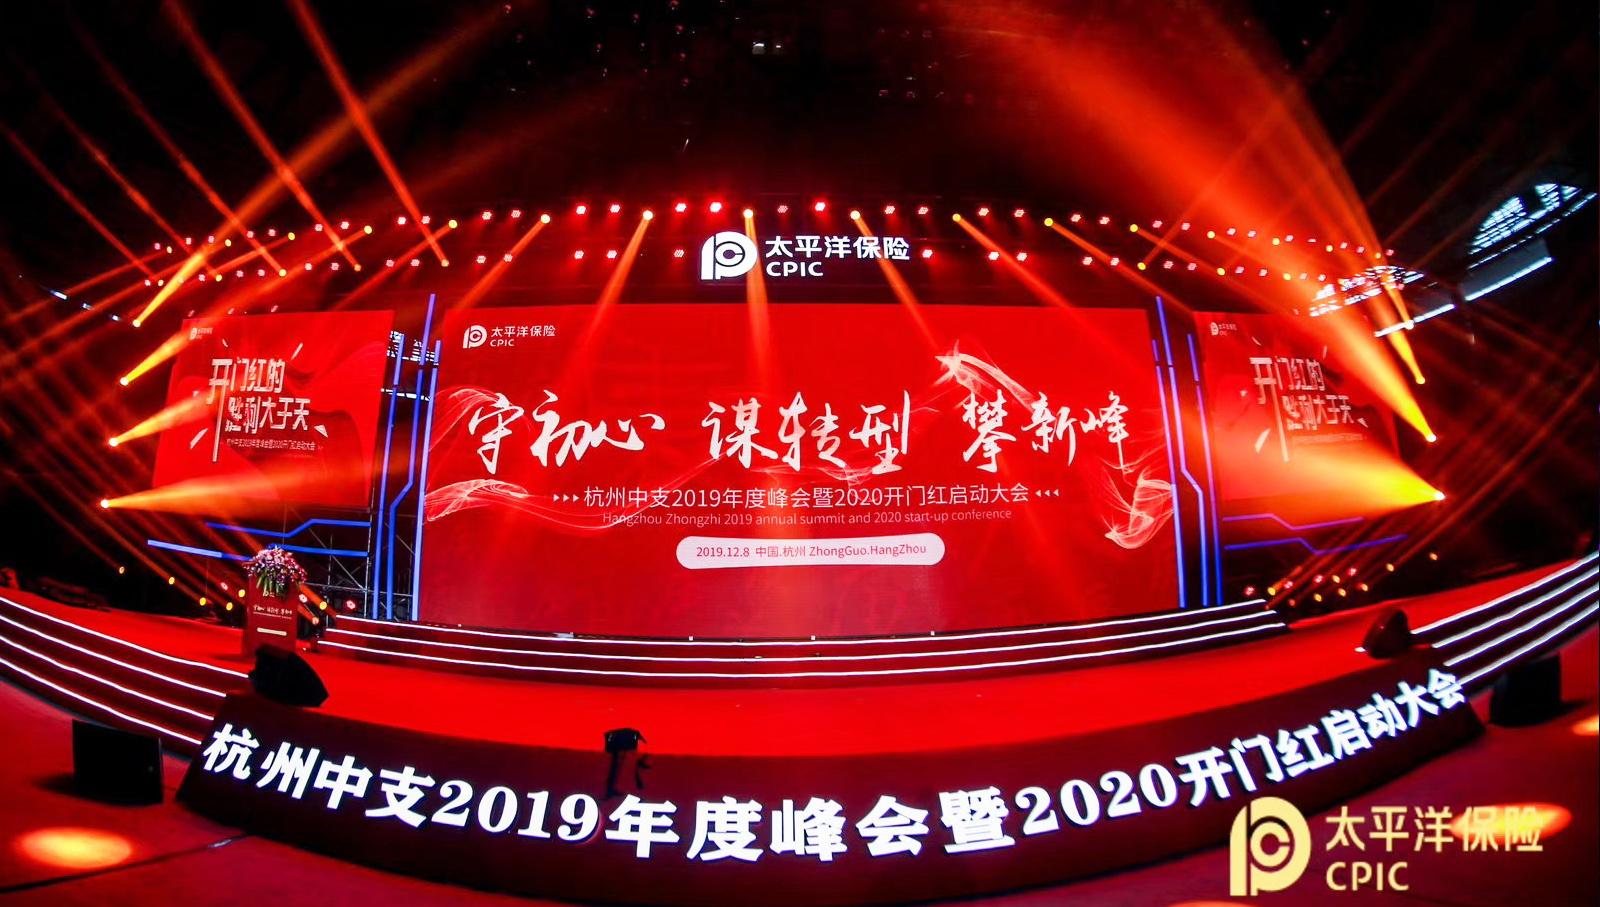 太平洋保险杭州中支2019年度峰会暨2020开门红启动大会-7